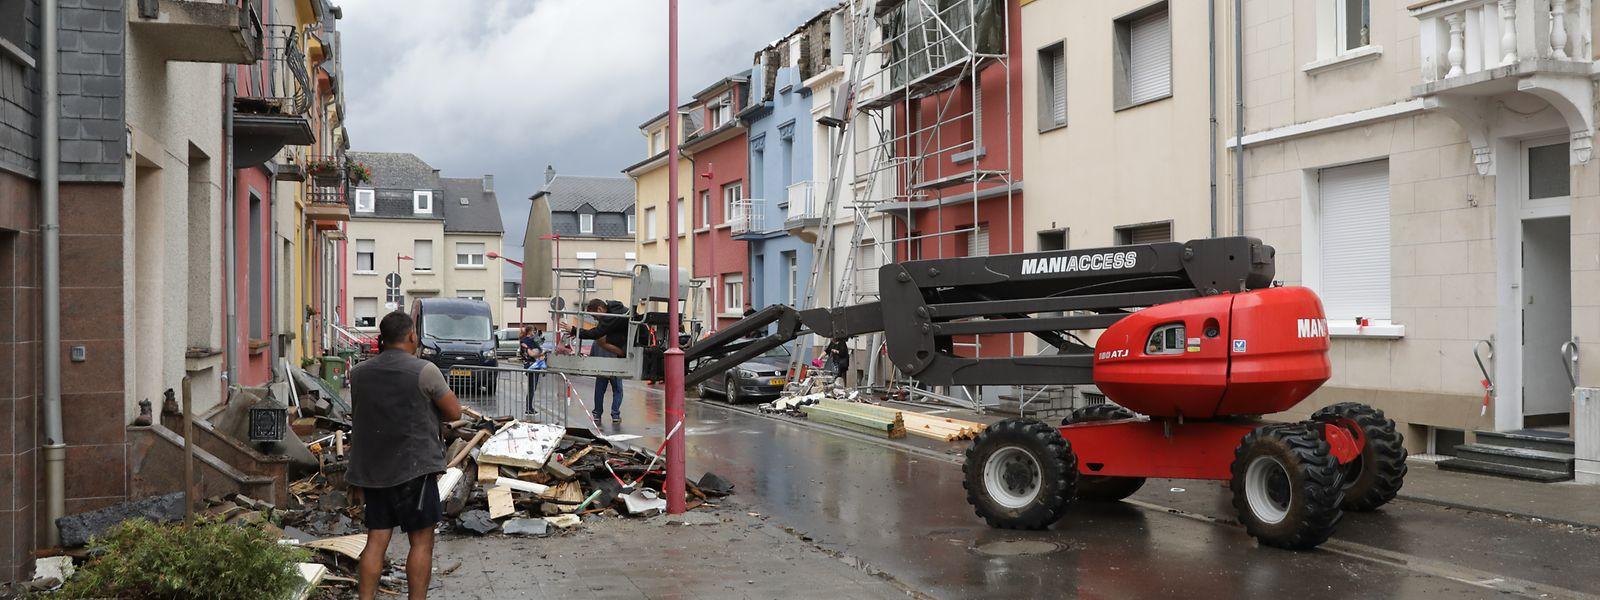 Am Montag gingen die Aufräumarbeiten in der Rue Neuve in Petingen weiter.